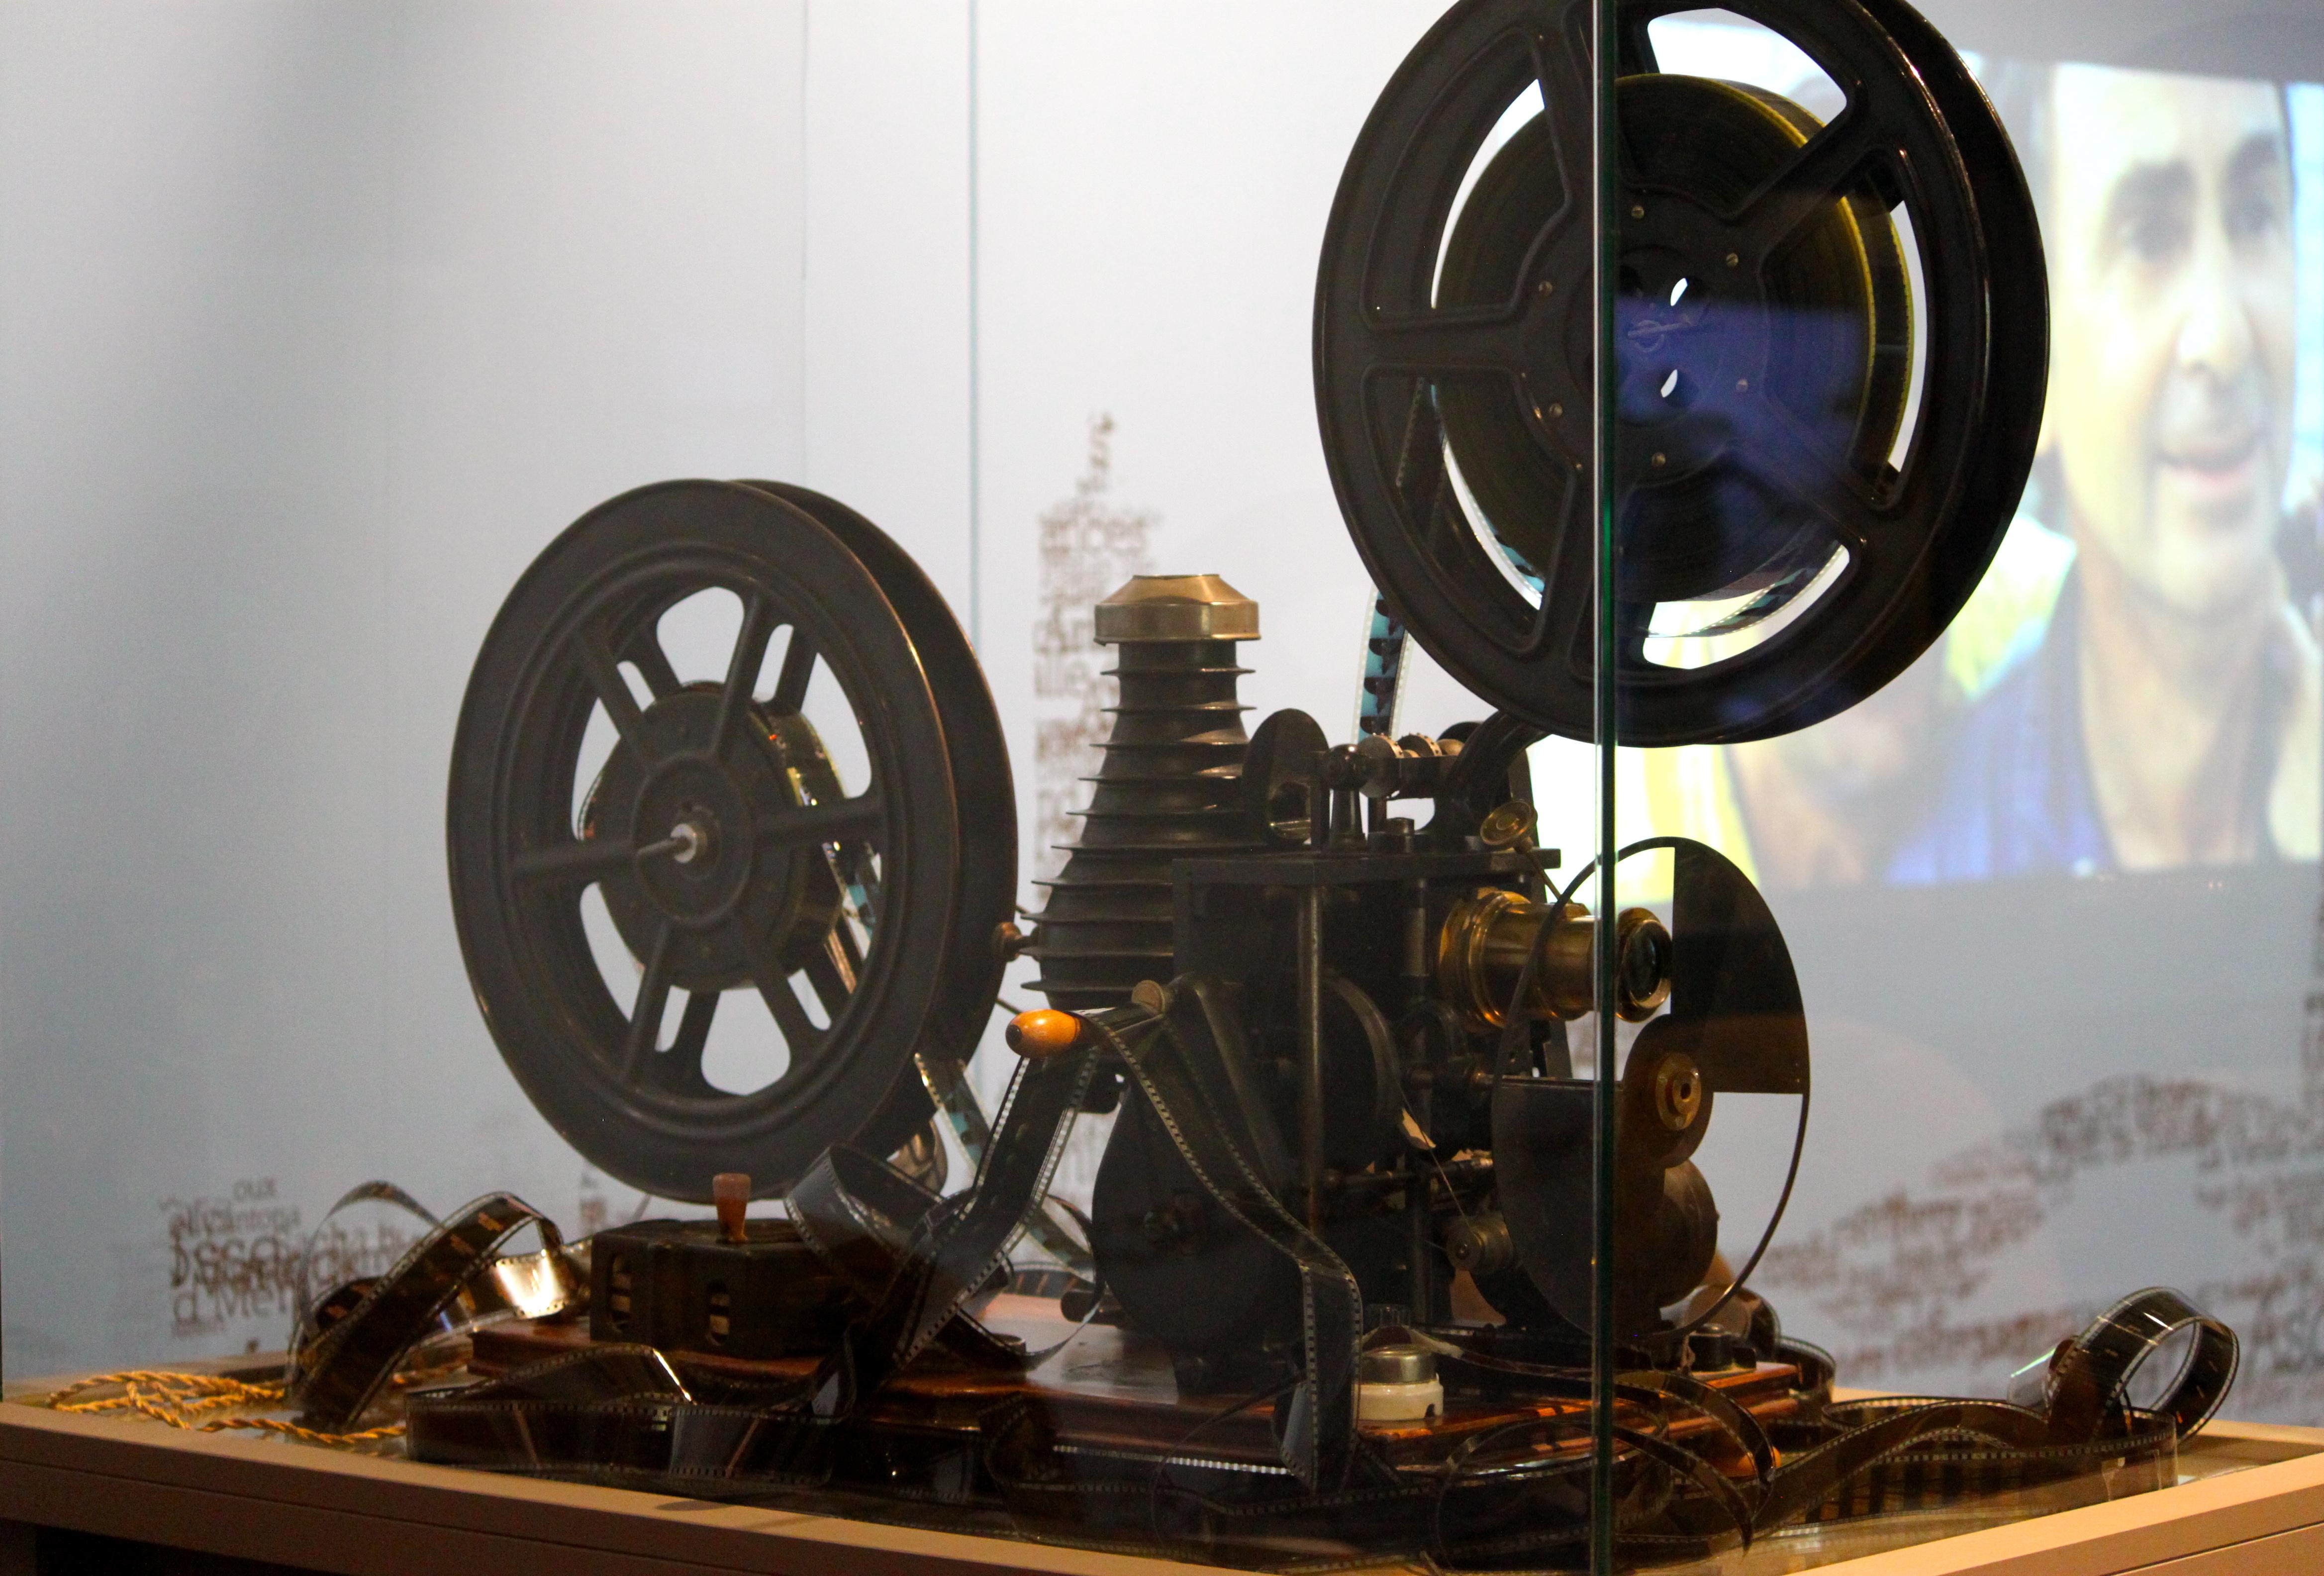 Cinémartigues